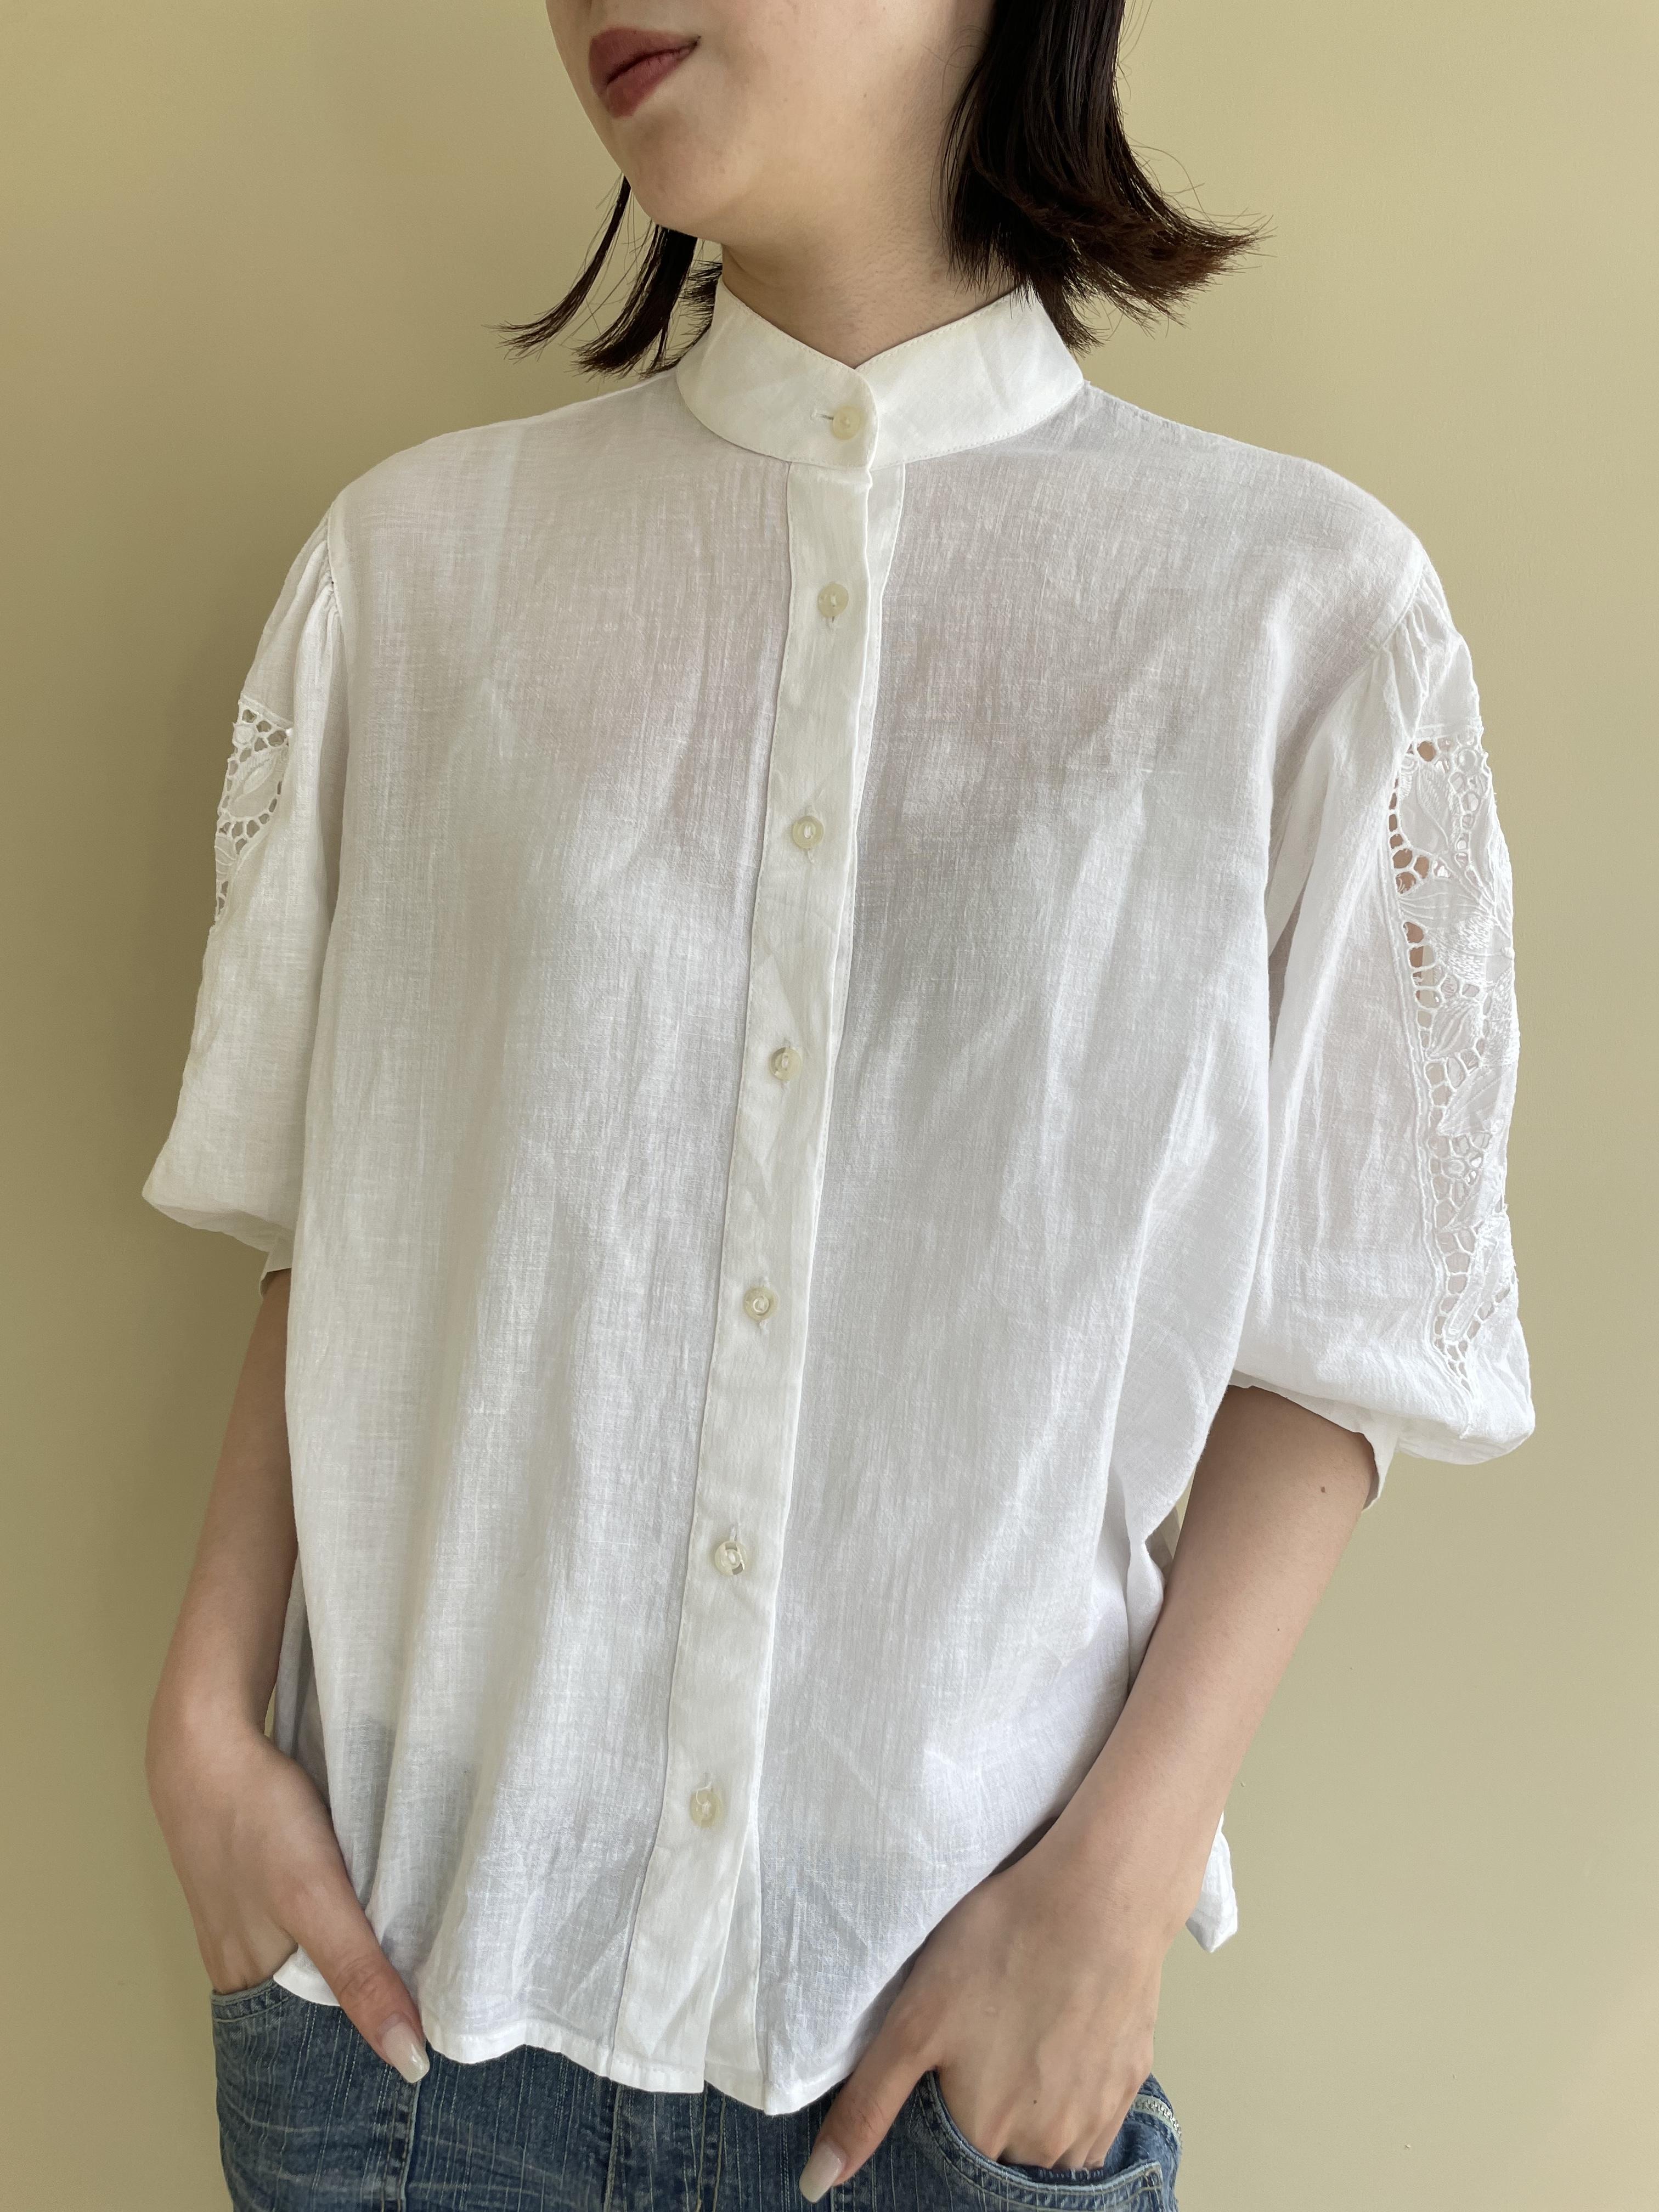 puff sleeve design shirt / 7SSTP17-10